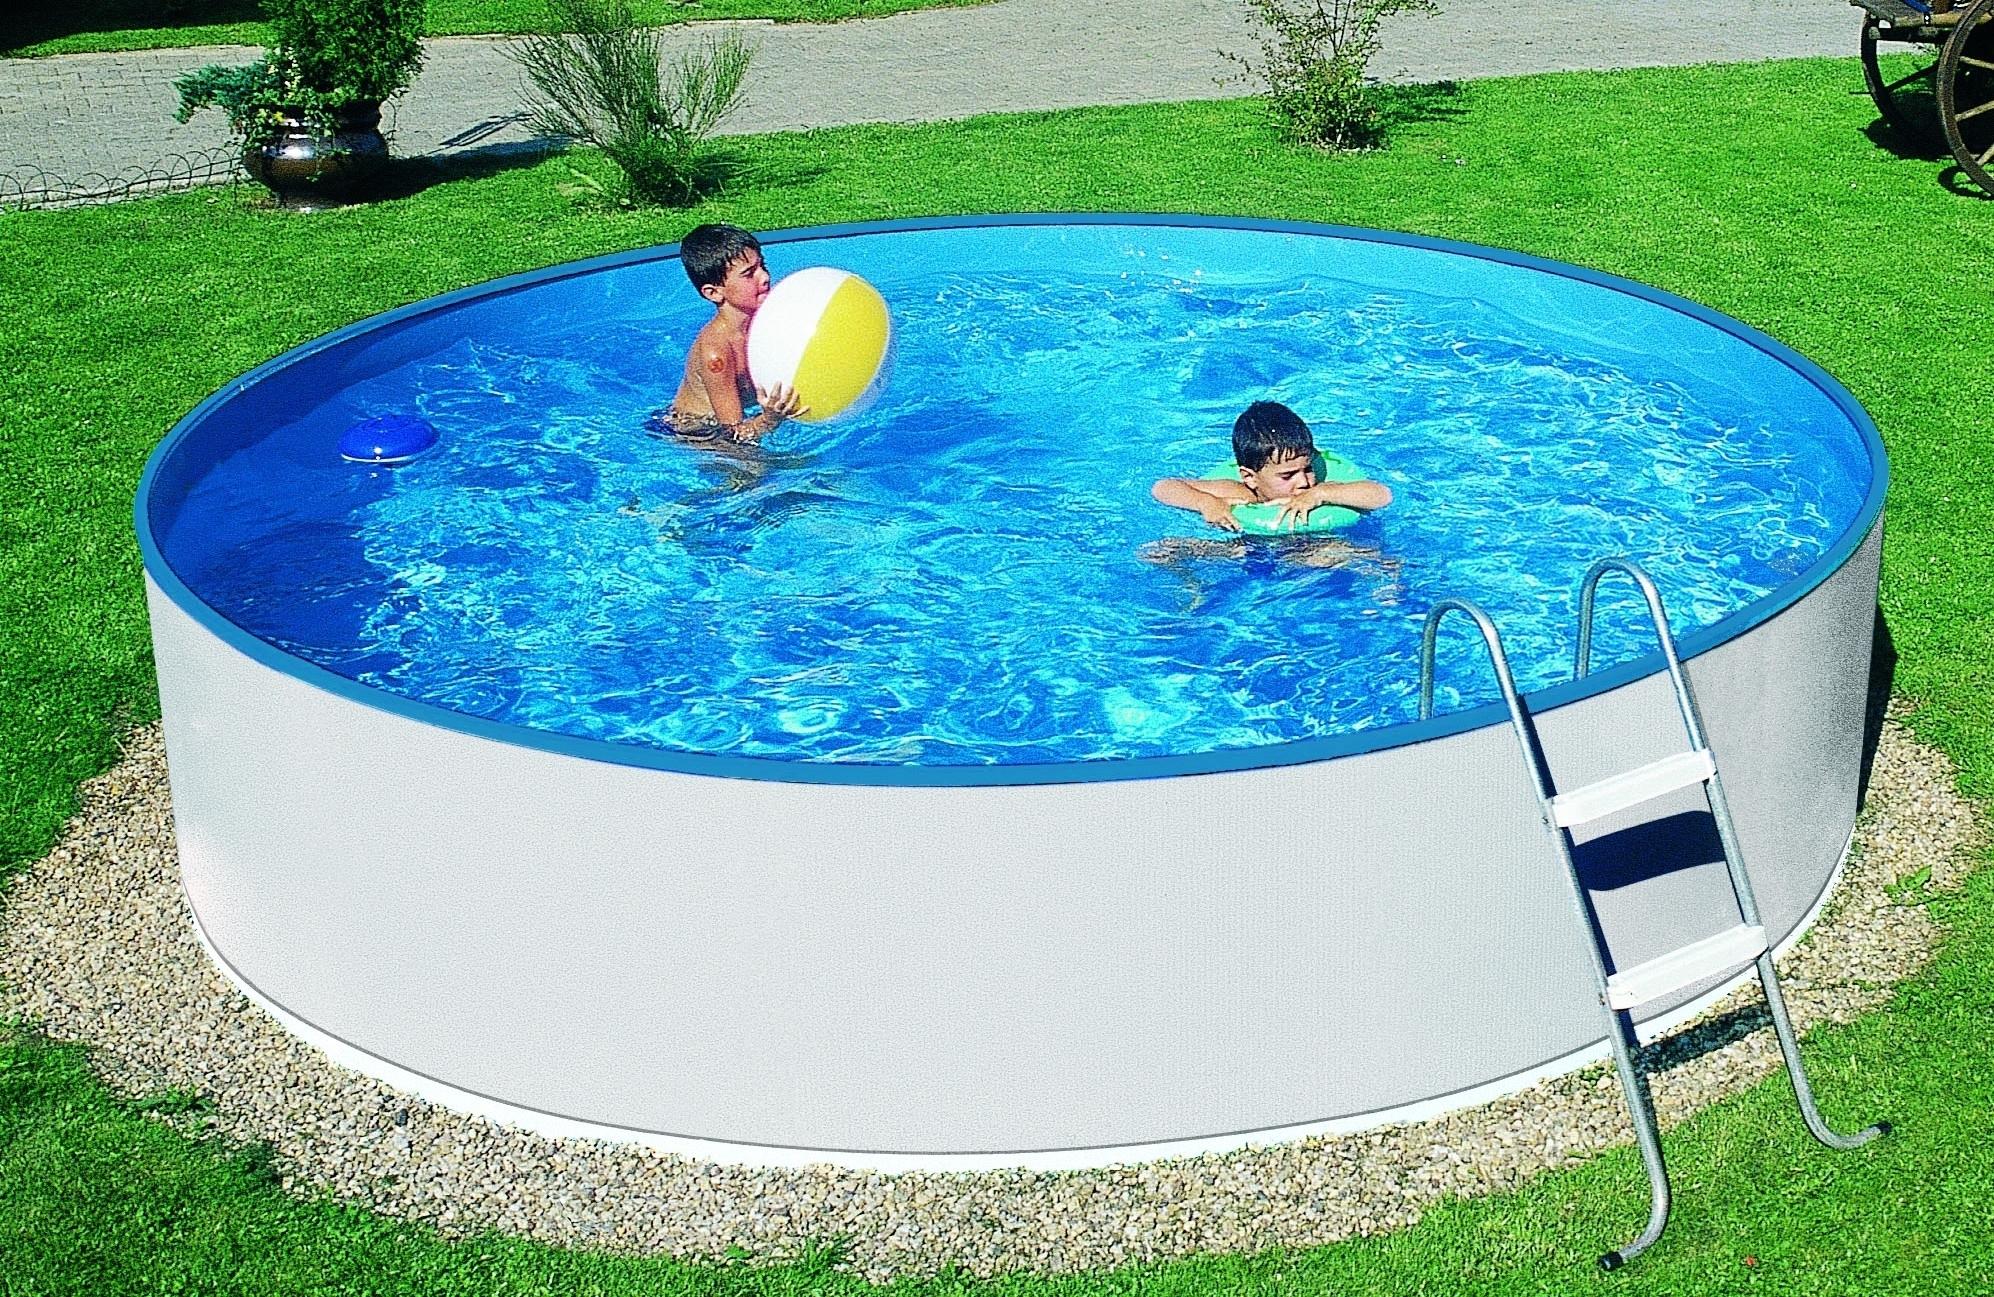 Chcete dostatečně velký a kvalitní bazén bez nutnosti zasahovat do zahrady? Zvolte nadzemní bazén